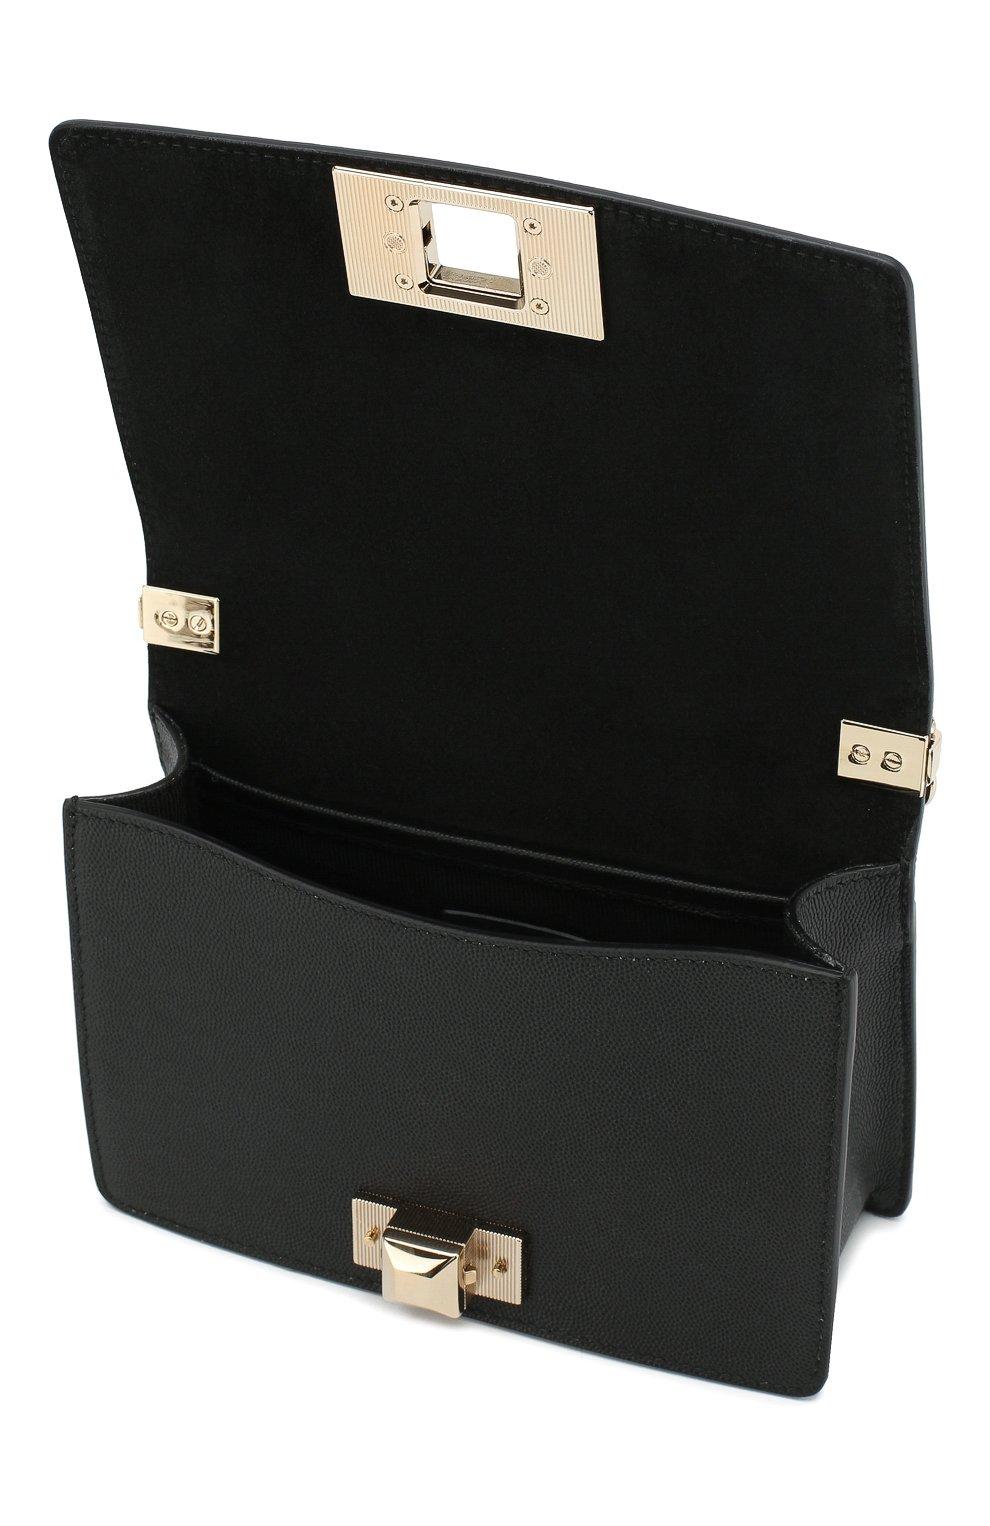 Сумка Mimì mini Furla черная цвета | Фото №4